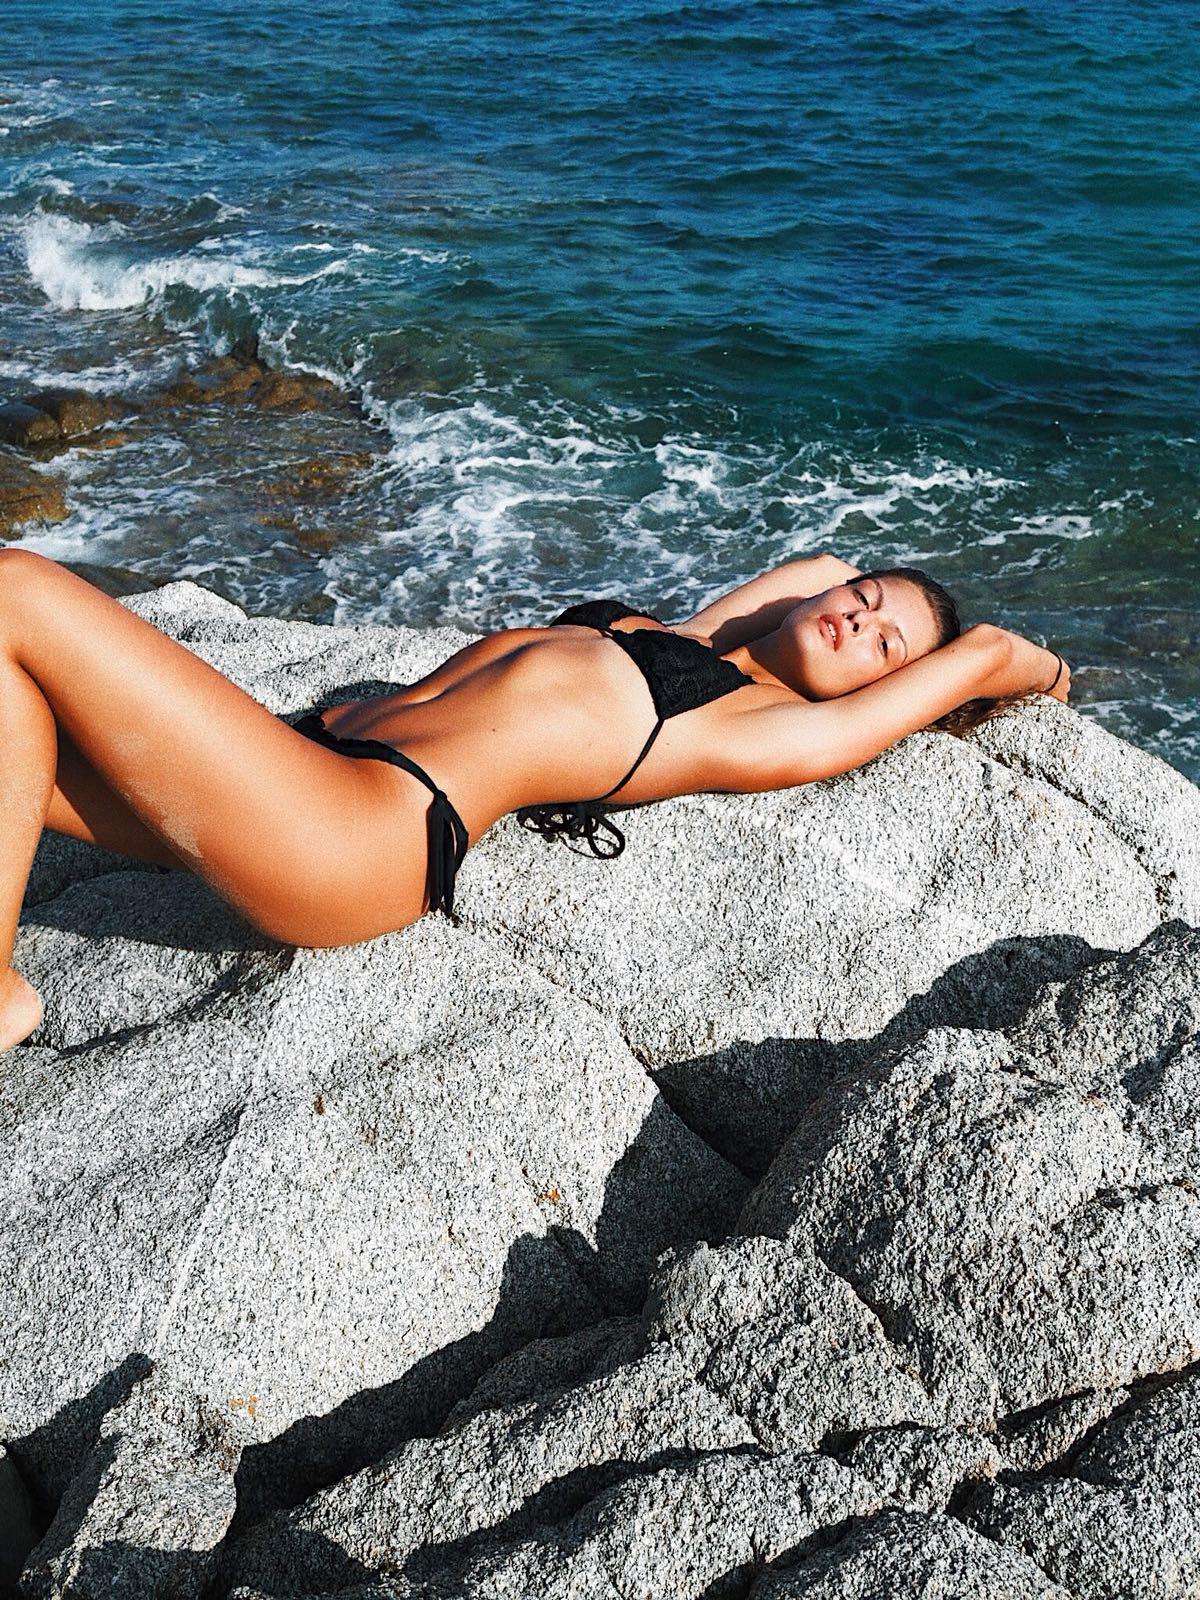 Schwarze Bikinis sind die Klassiker am Strand. Als Triangel-Modell wirken sie zarter, Bänder zum Binden sorgen für den perfekten Sitz.